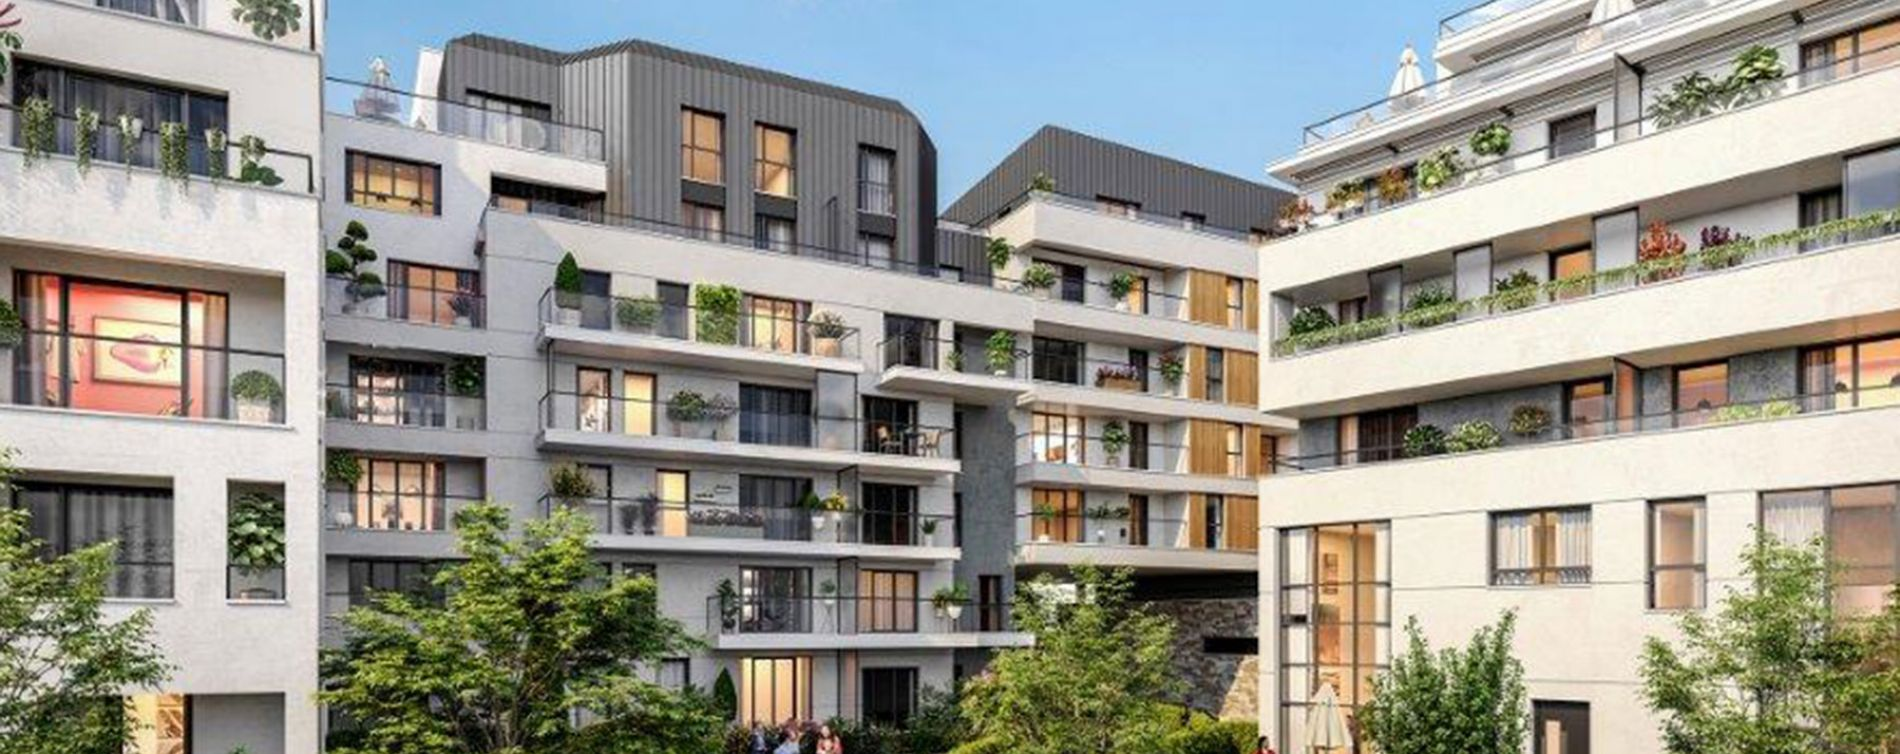 Rueil-Malmaison : programme immobilier neuve « Envies » (2)